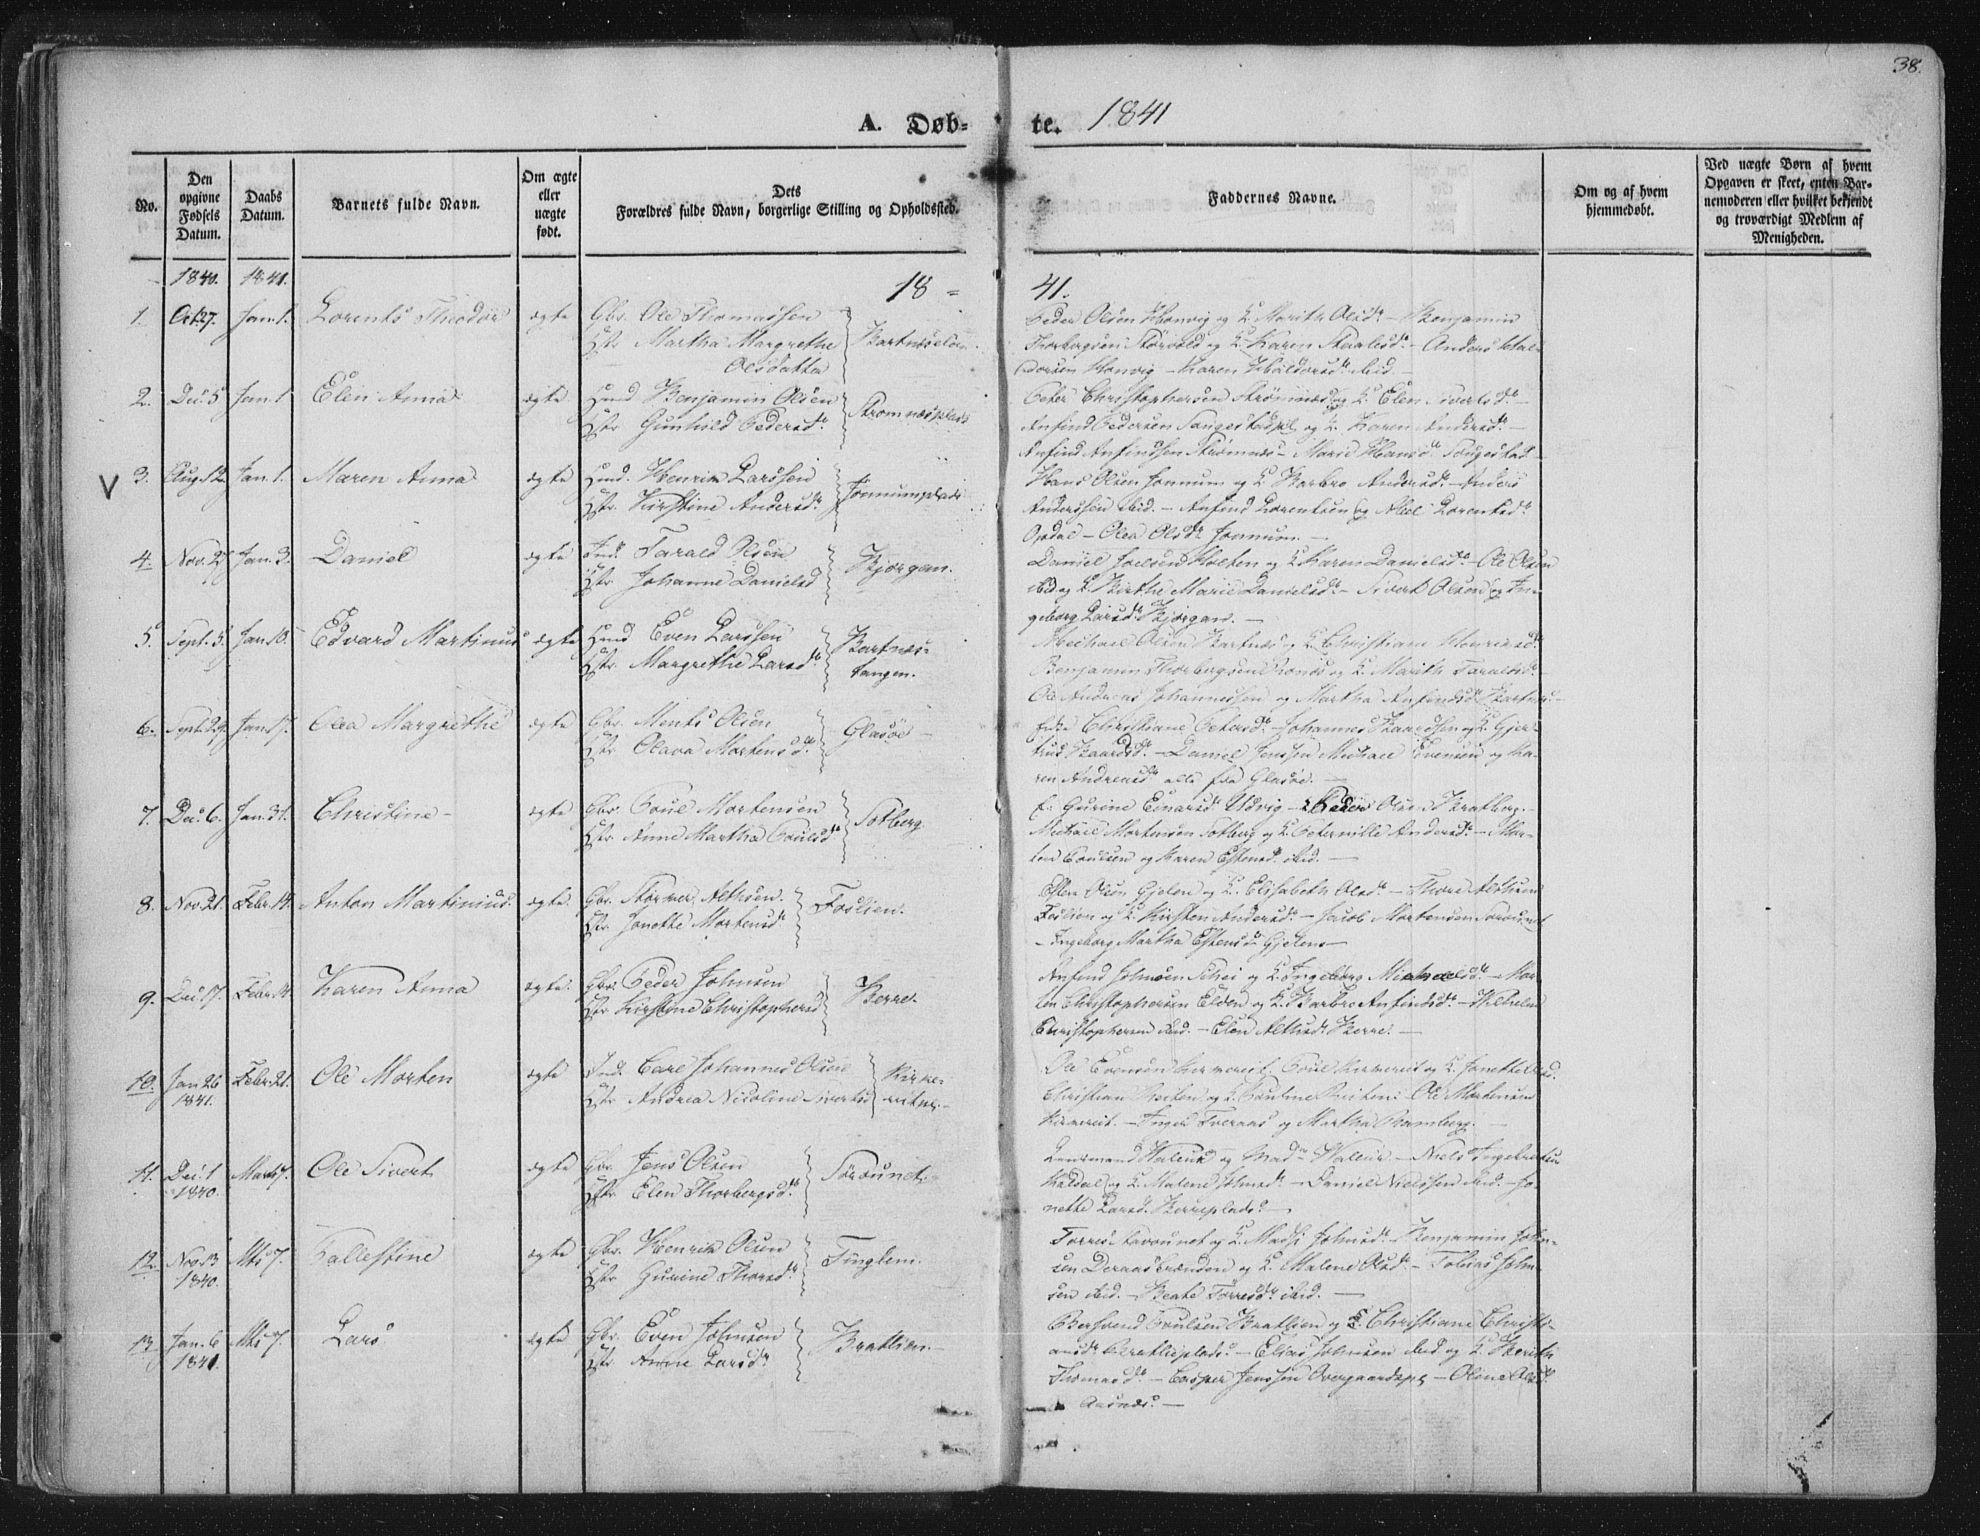 SAT, Ministerialprotokoller, klokkerbøker og fødselsregistre - Nord-Trøndelag, 741/L0392: Ministerialbok nr. 741A06, 1836-1848, s. 38